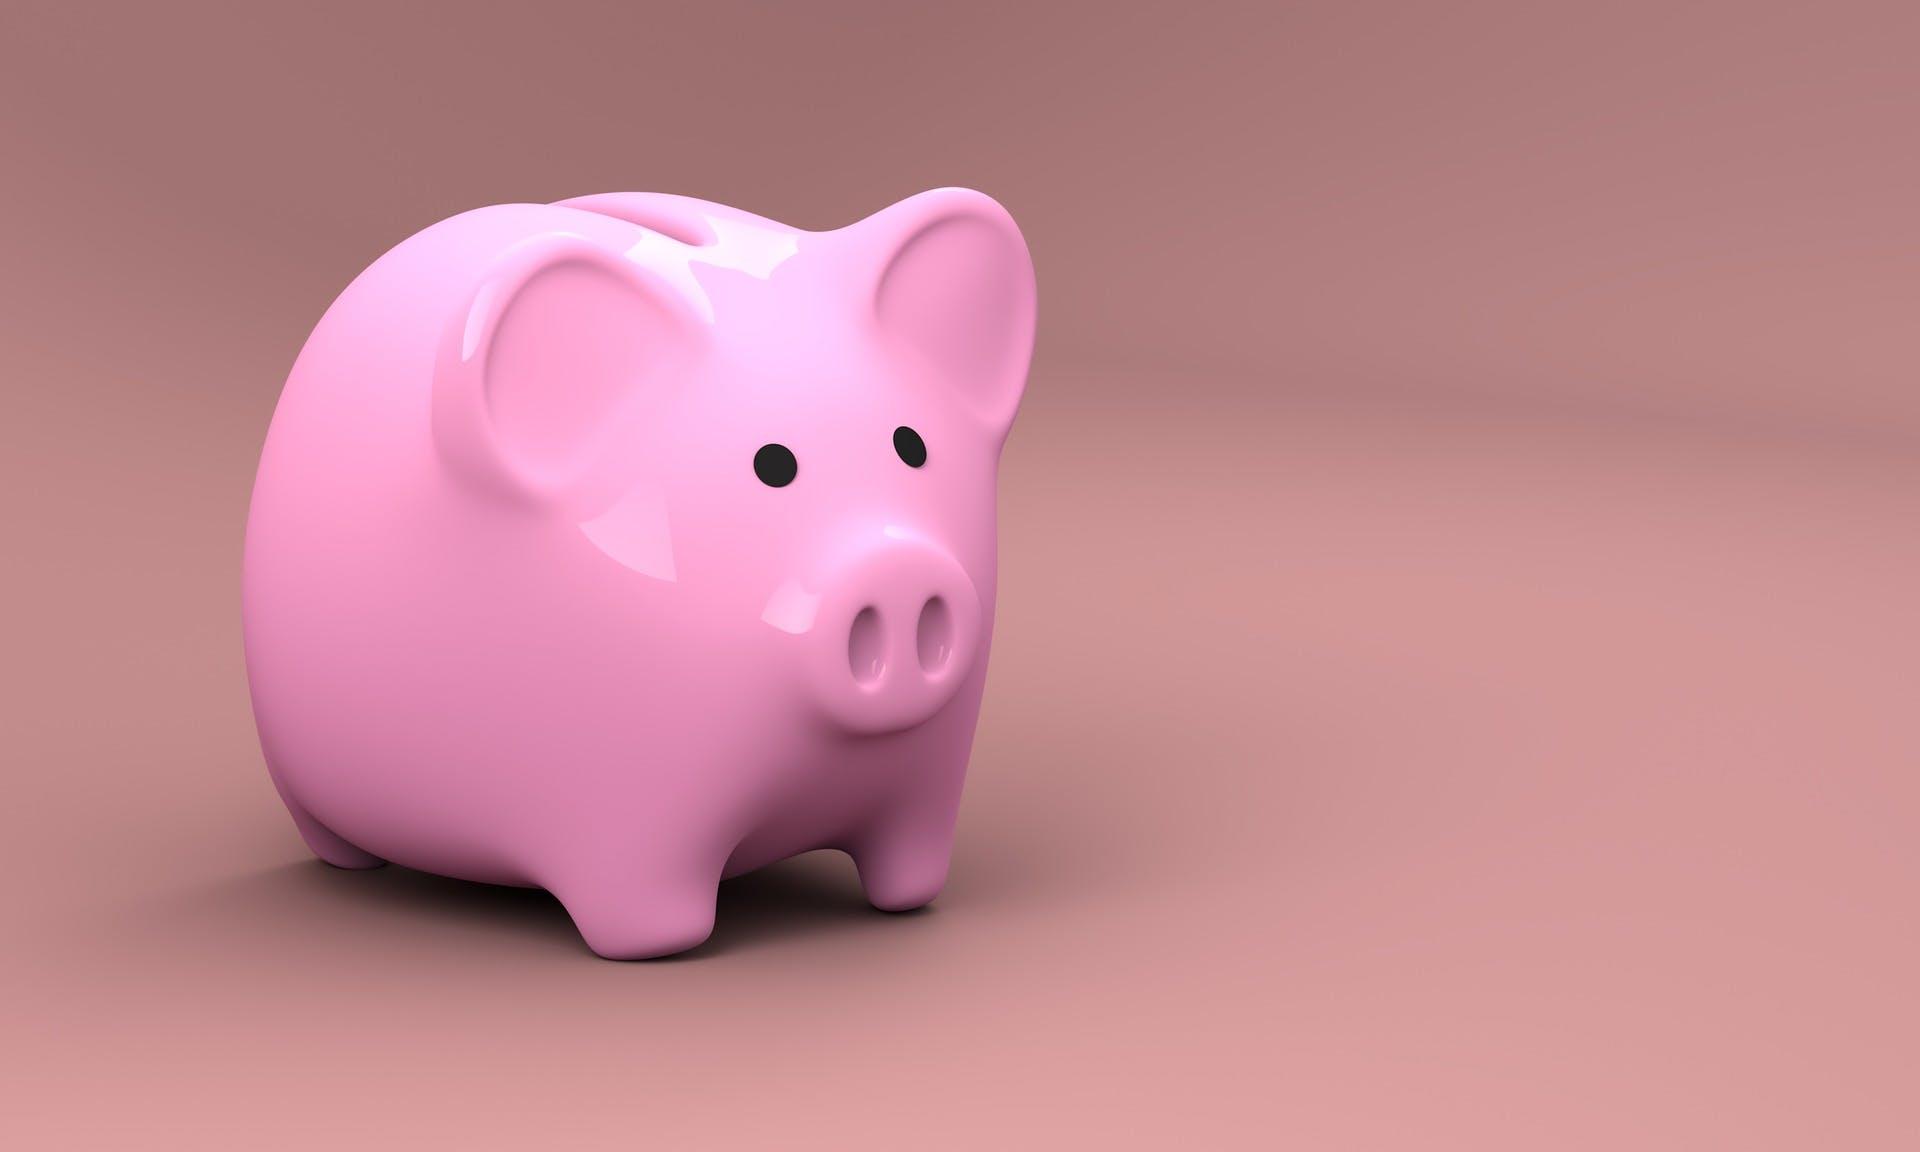 Empréstimo pessoal: o que é, quais os tipos, como funciona e tudo que você precisa saber!